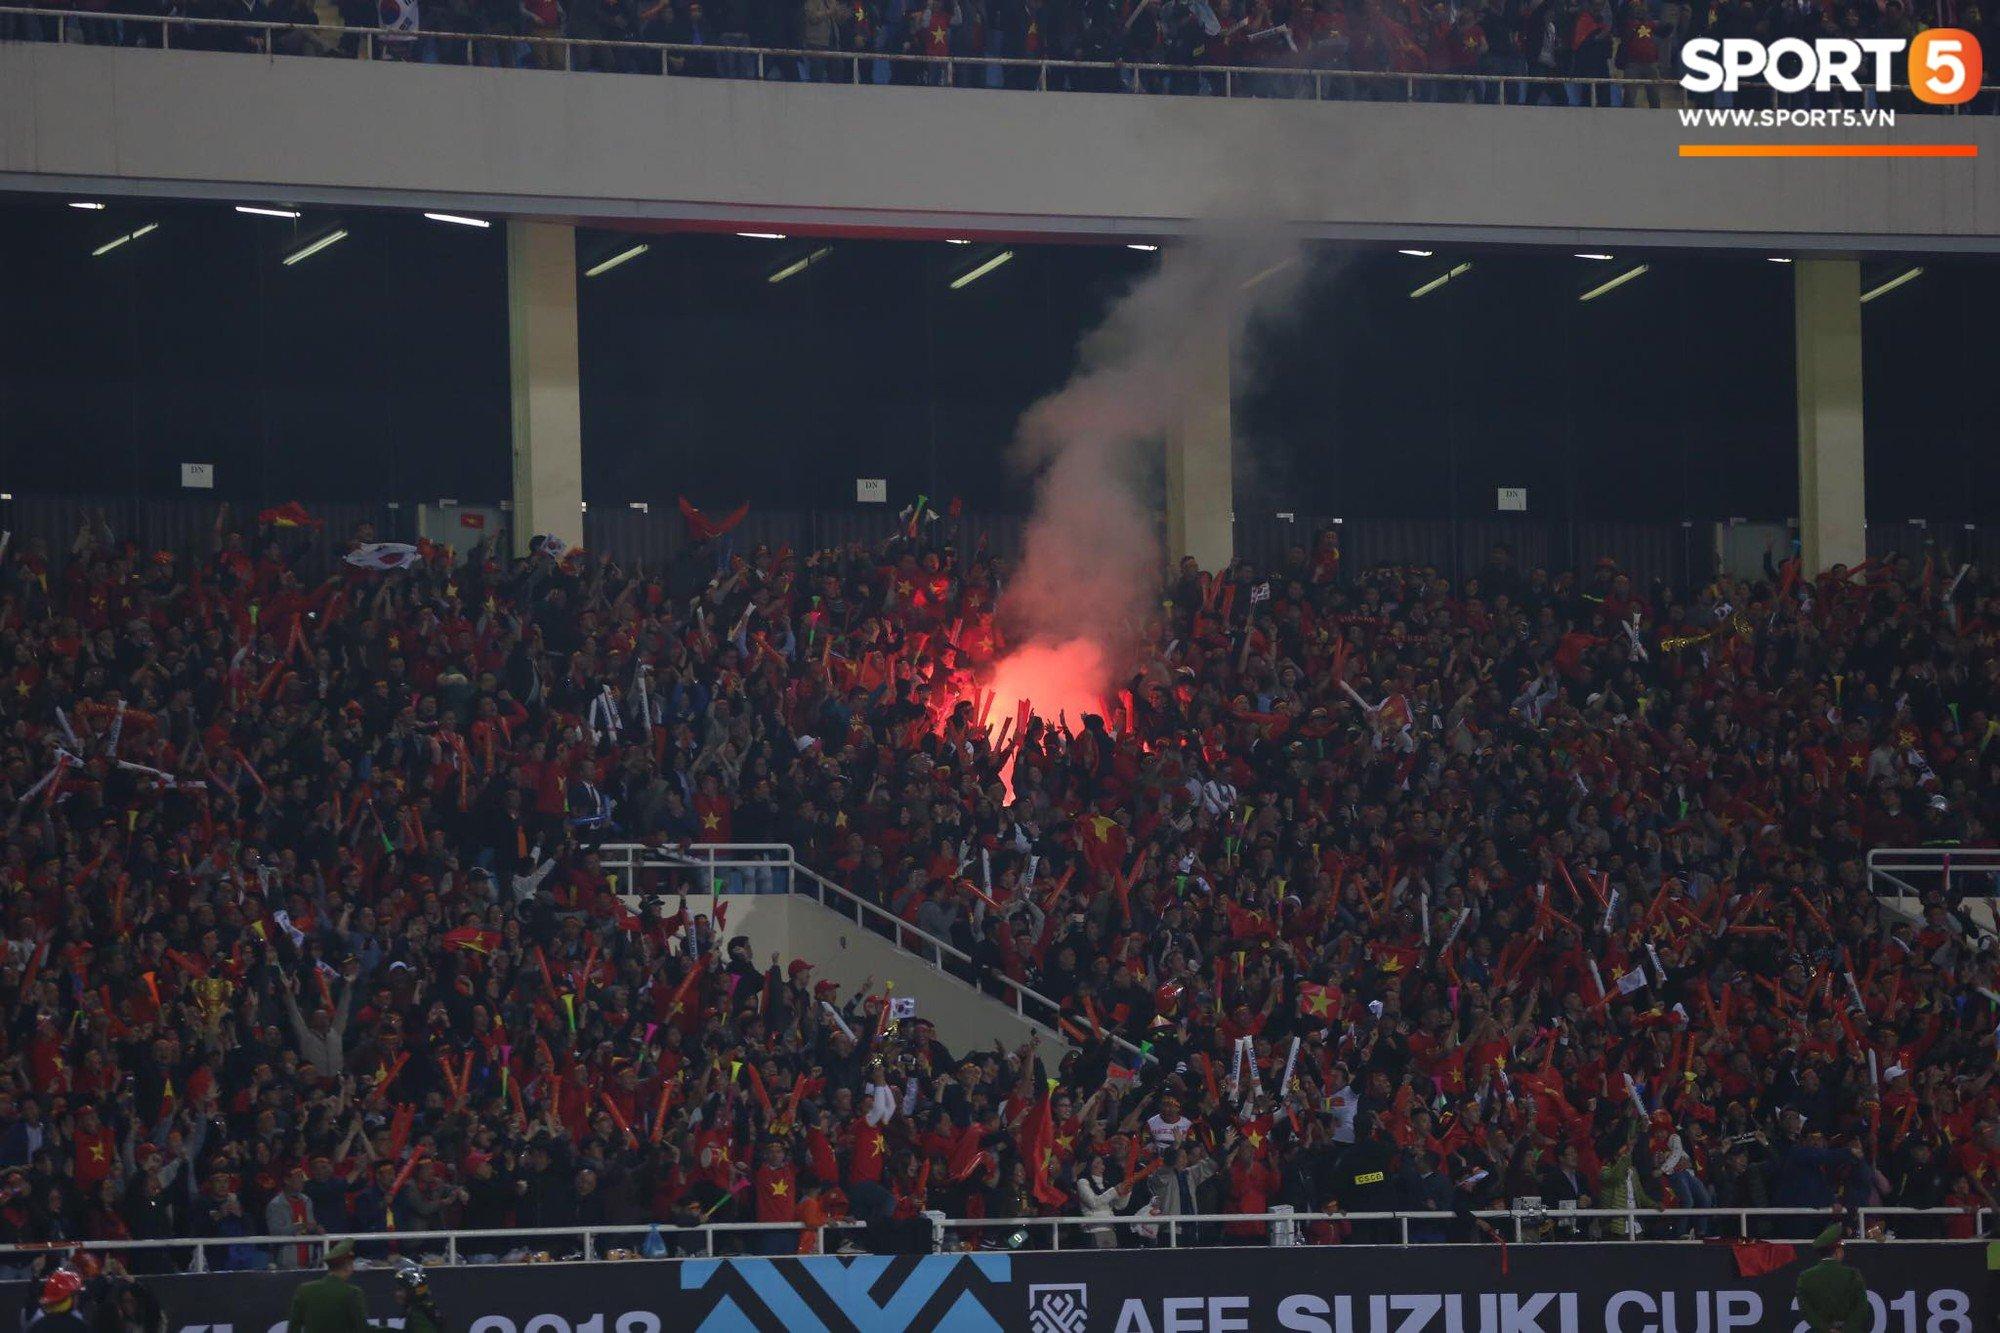 Pháo sáng lại cháy trên khán đài Mỹ Đình, LĐBĐ Việt Nam đối diện nguy cơ bị phạt 2